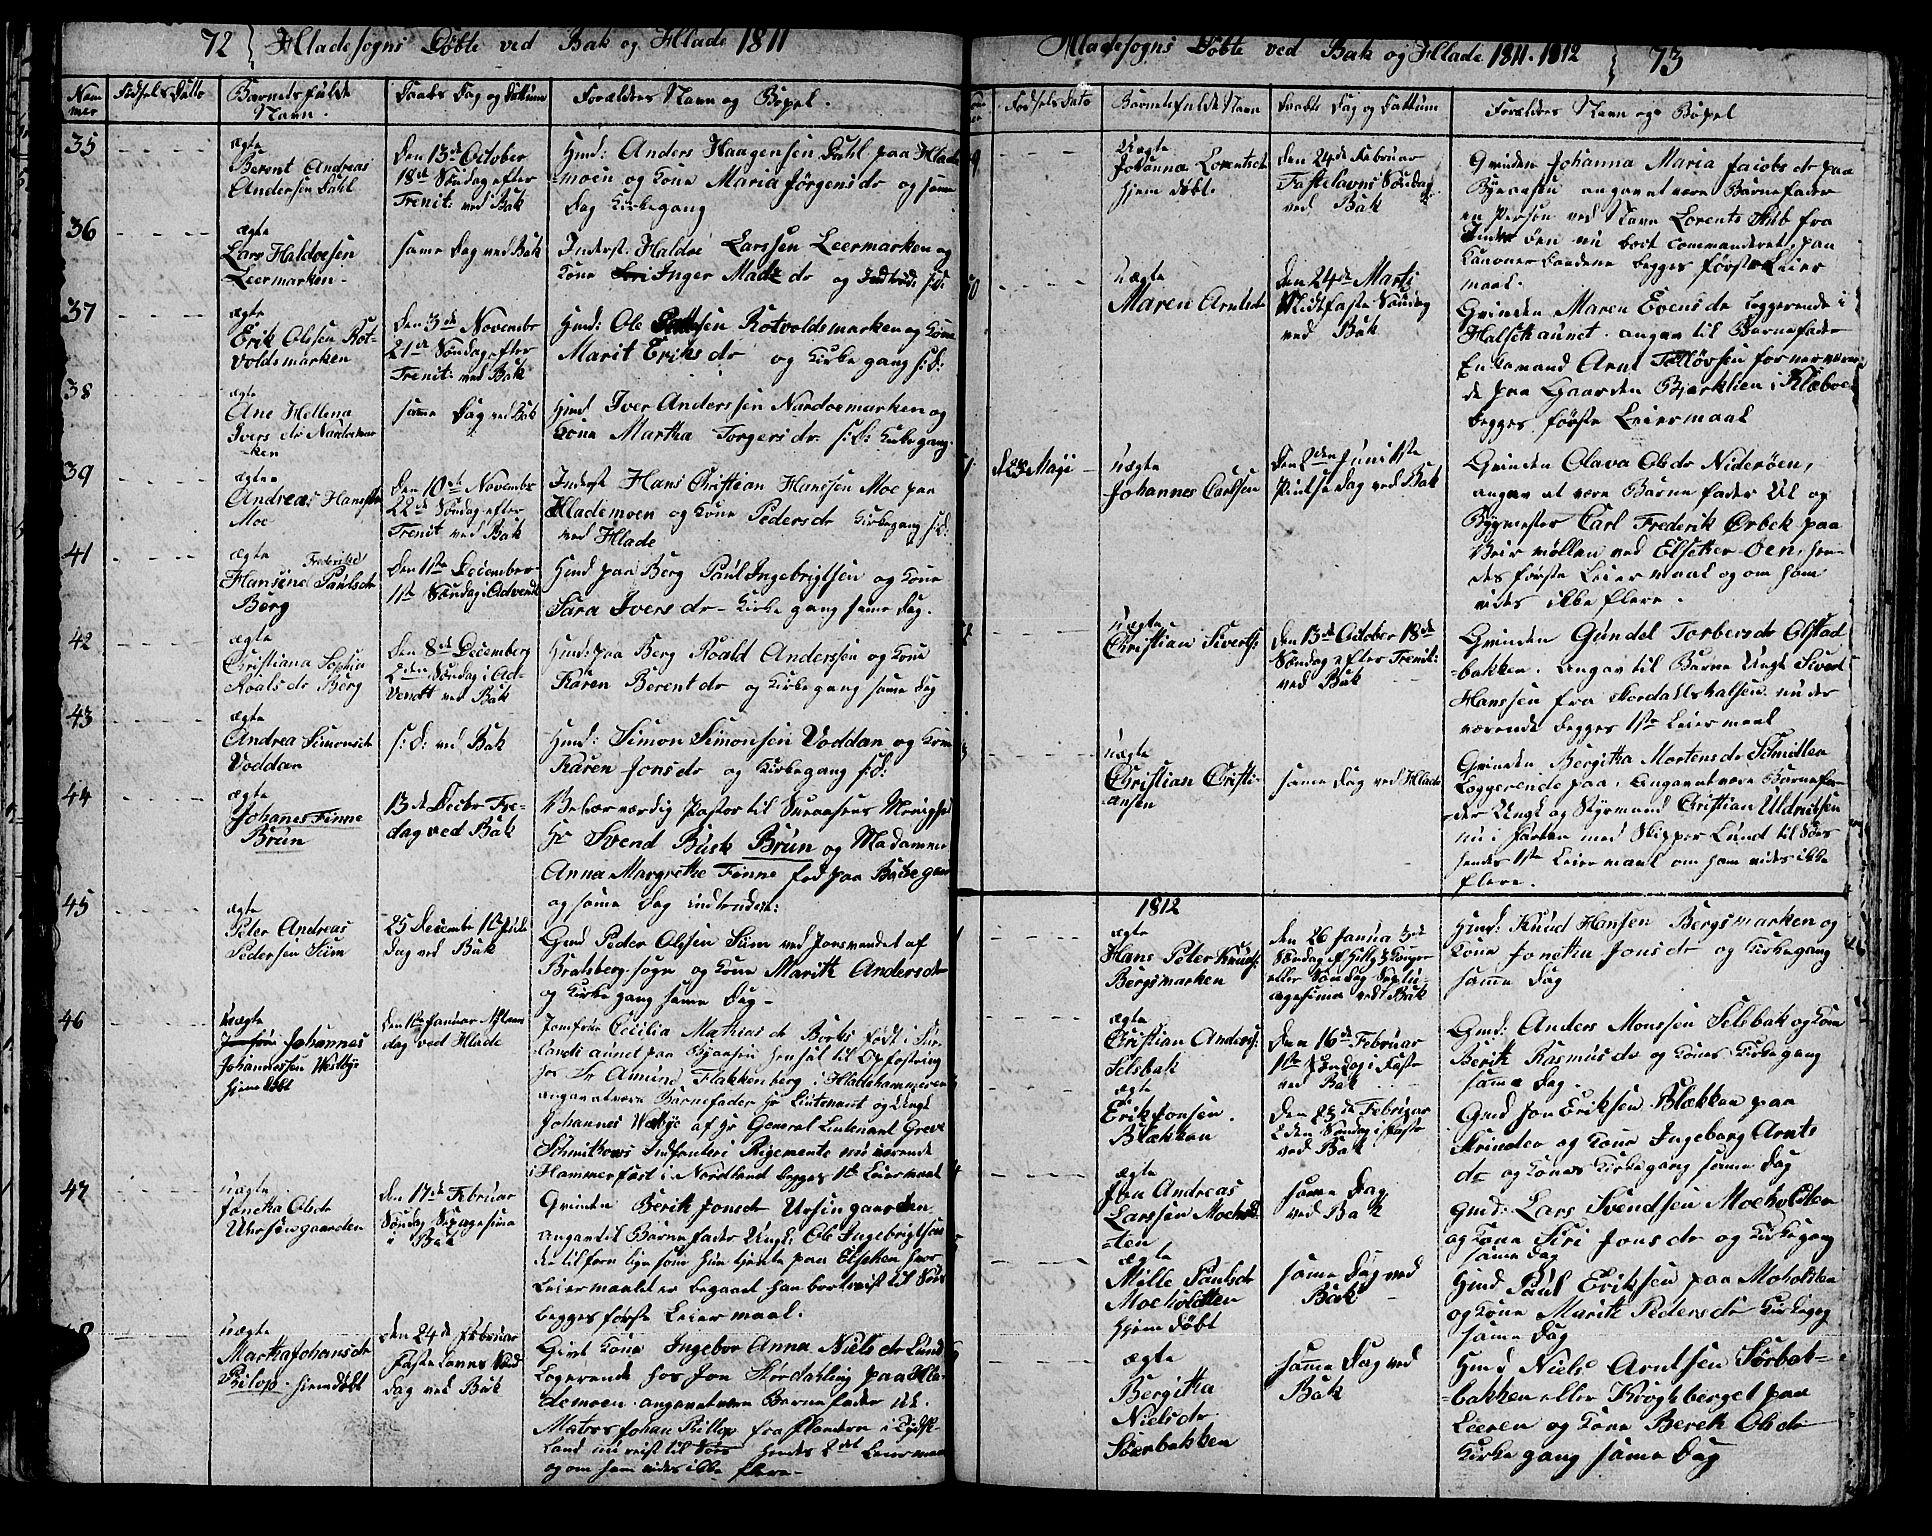 SAT, Ministerialprotokoller, klokkerbøker og fødselsregistre - Sør-Trøndelag, 606/L0306: Klokkerbok nr. 606C02, 1797-1829, s. 72-73